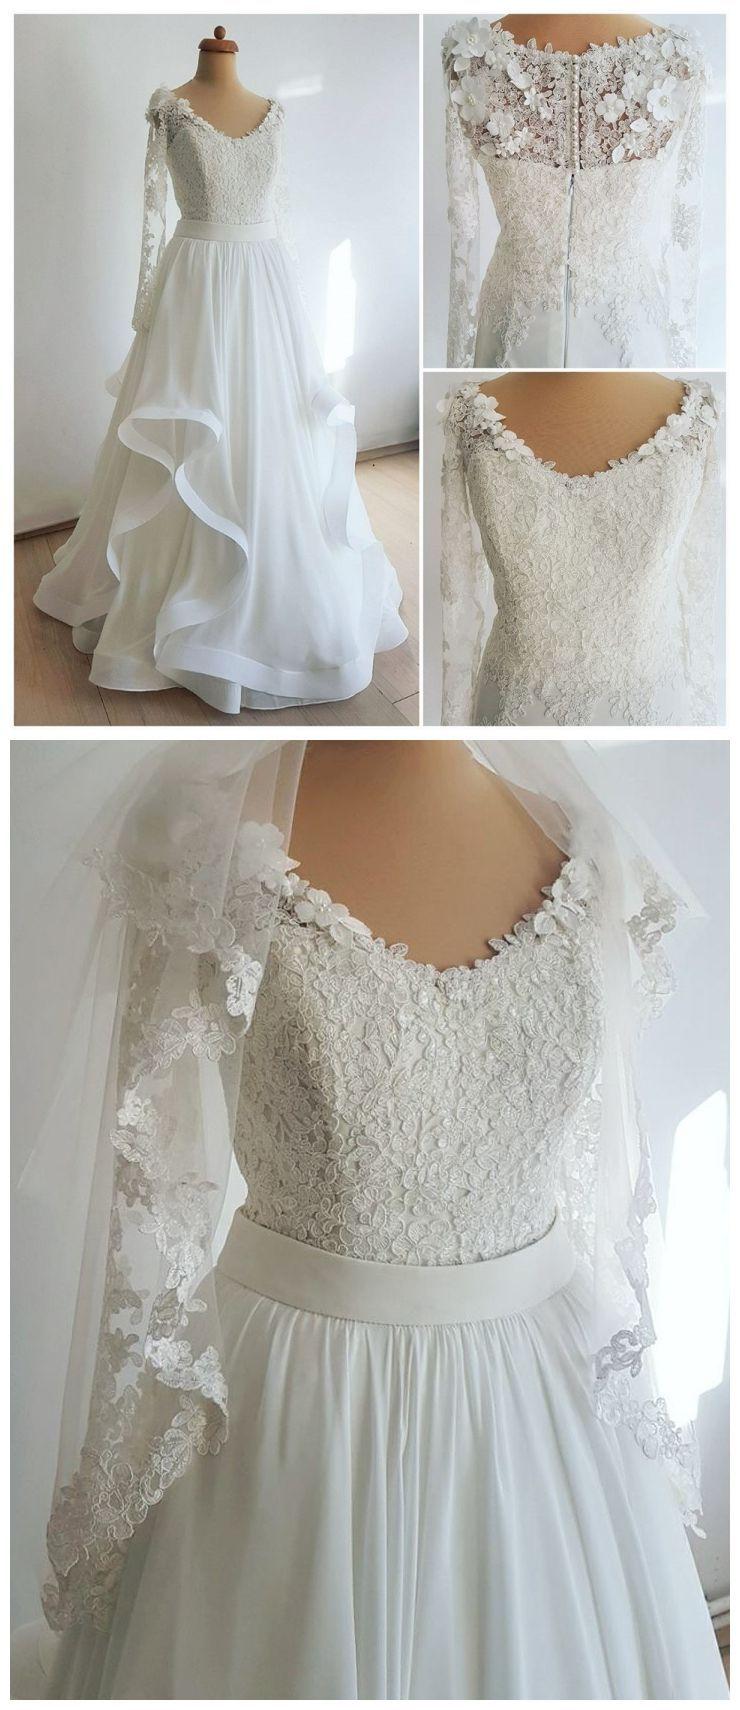 Plus size wedding dressescheap wedding dresses beach wedding